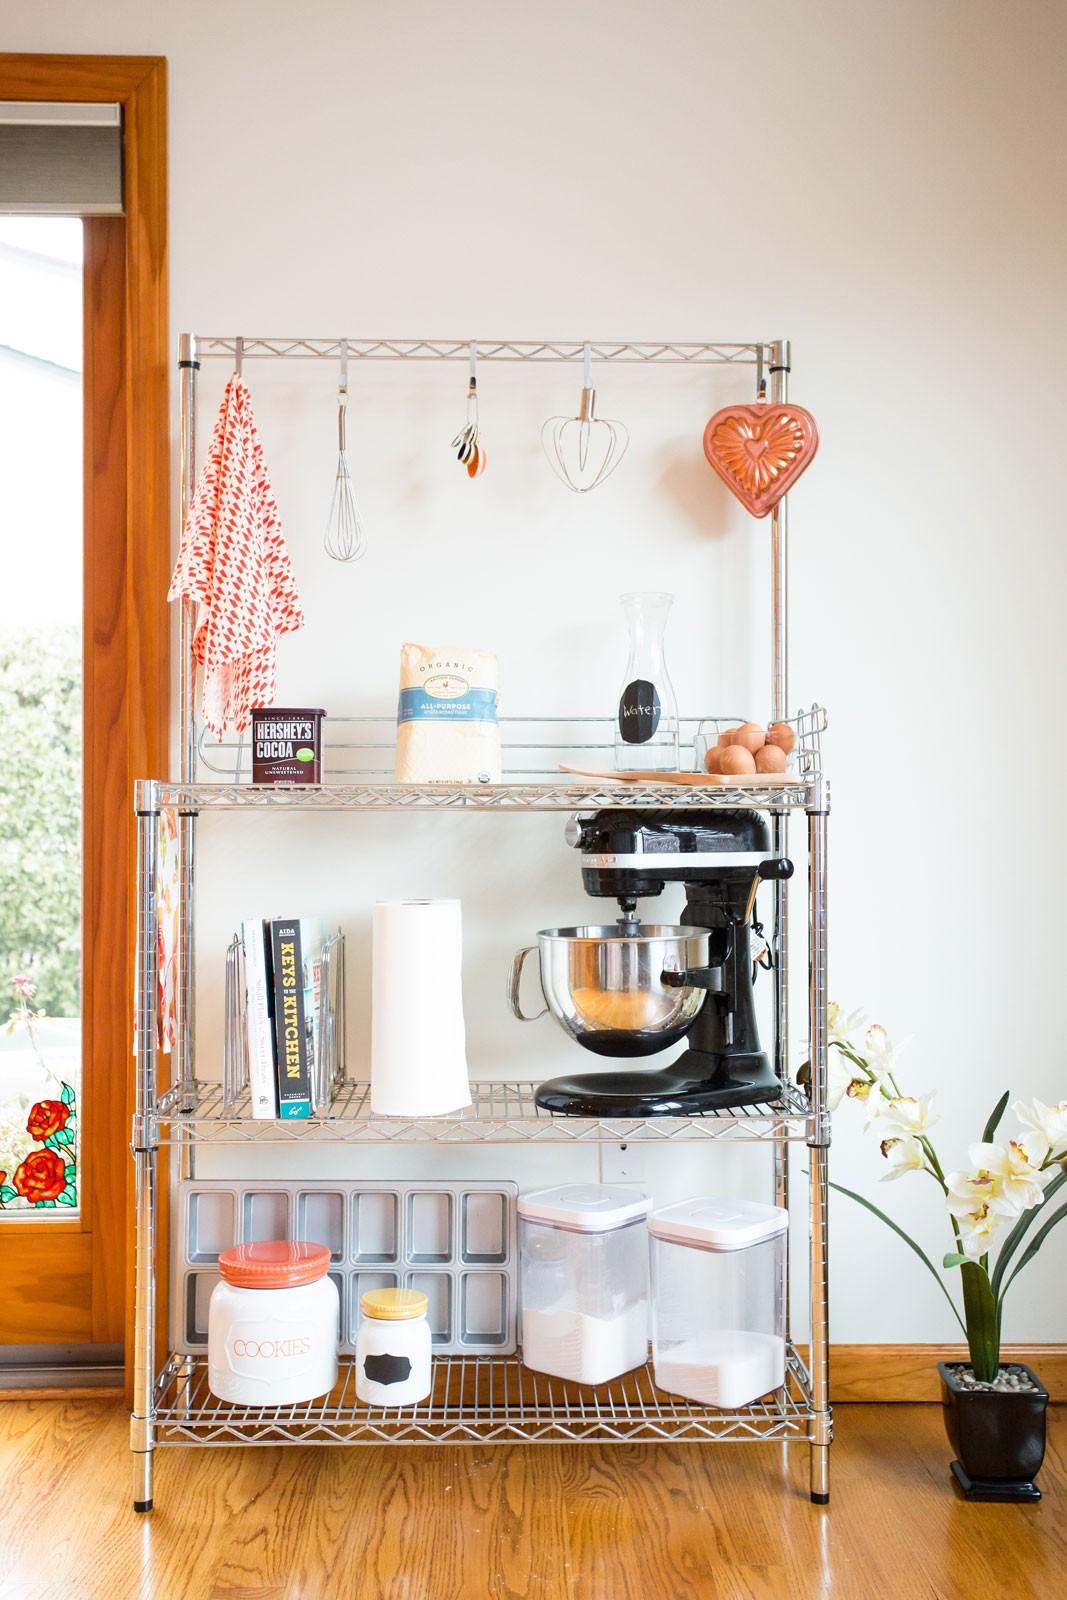 Alternate Uses for Baker's Racks | The Shelving Store